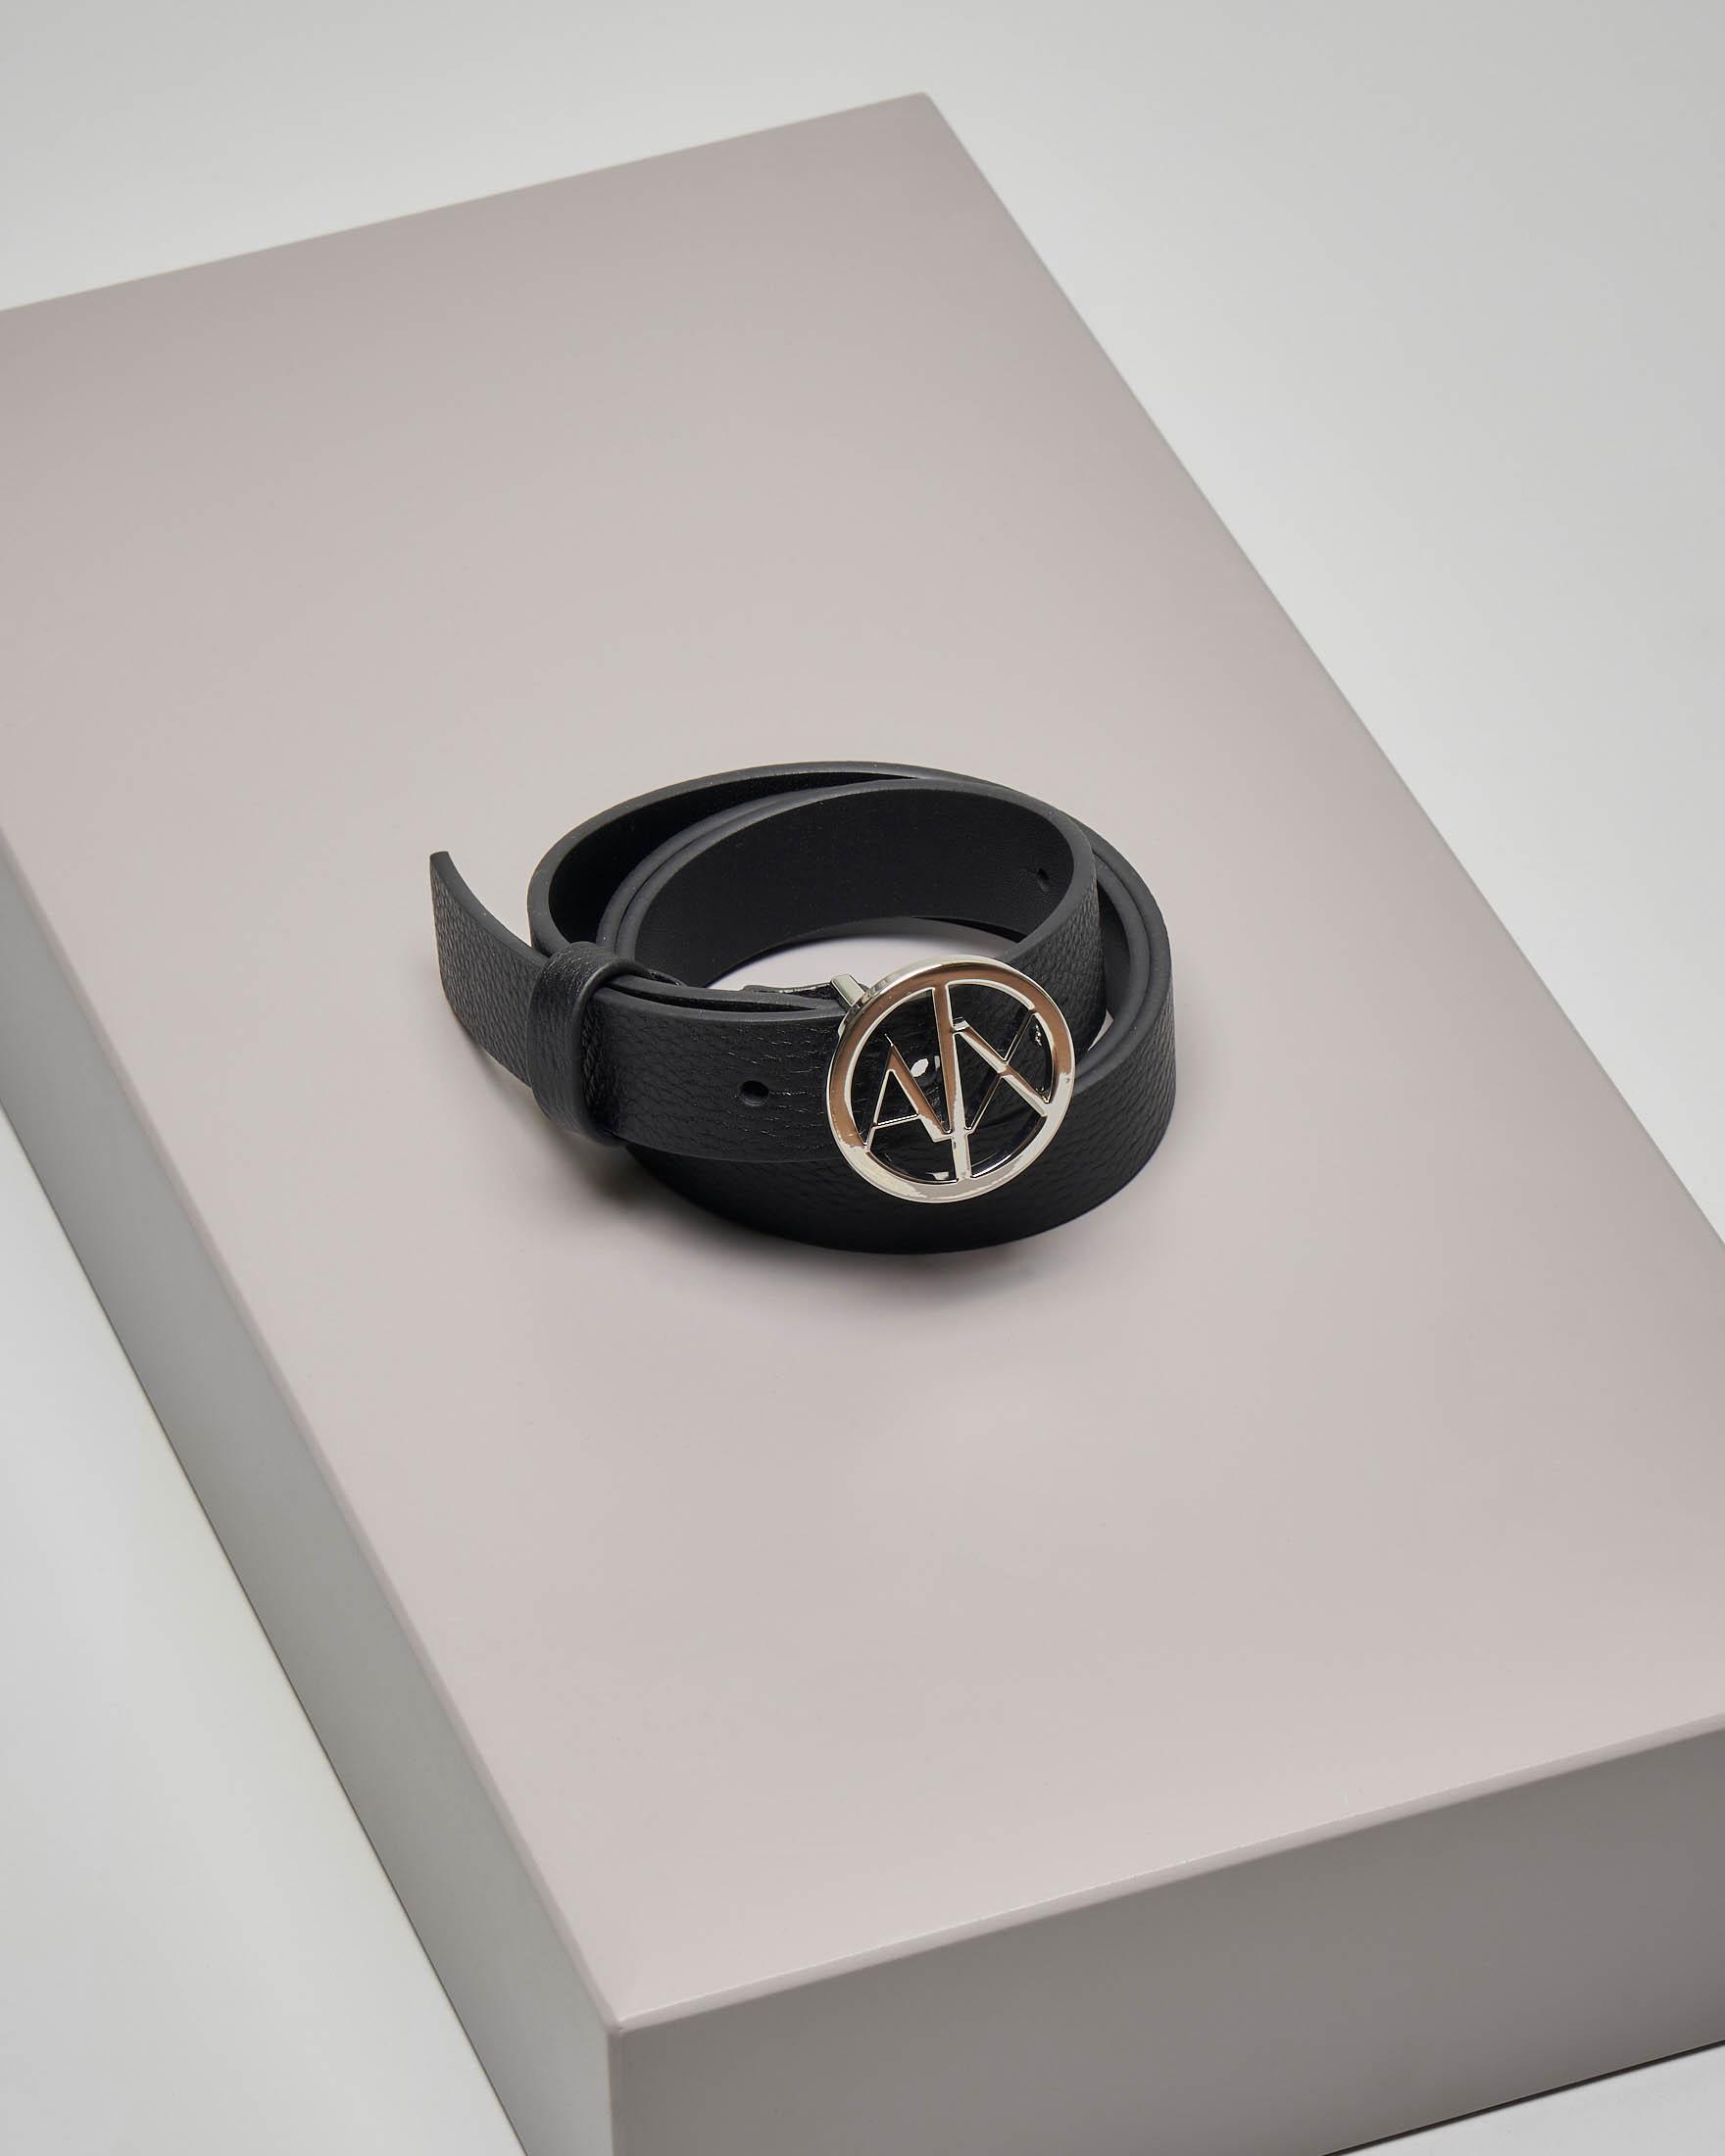 Cintura nera in pelle effetto martellato con fibbia tonda in metallo con logo